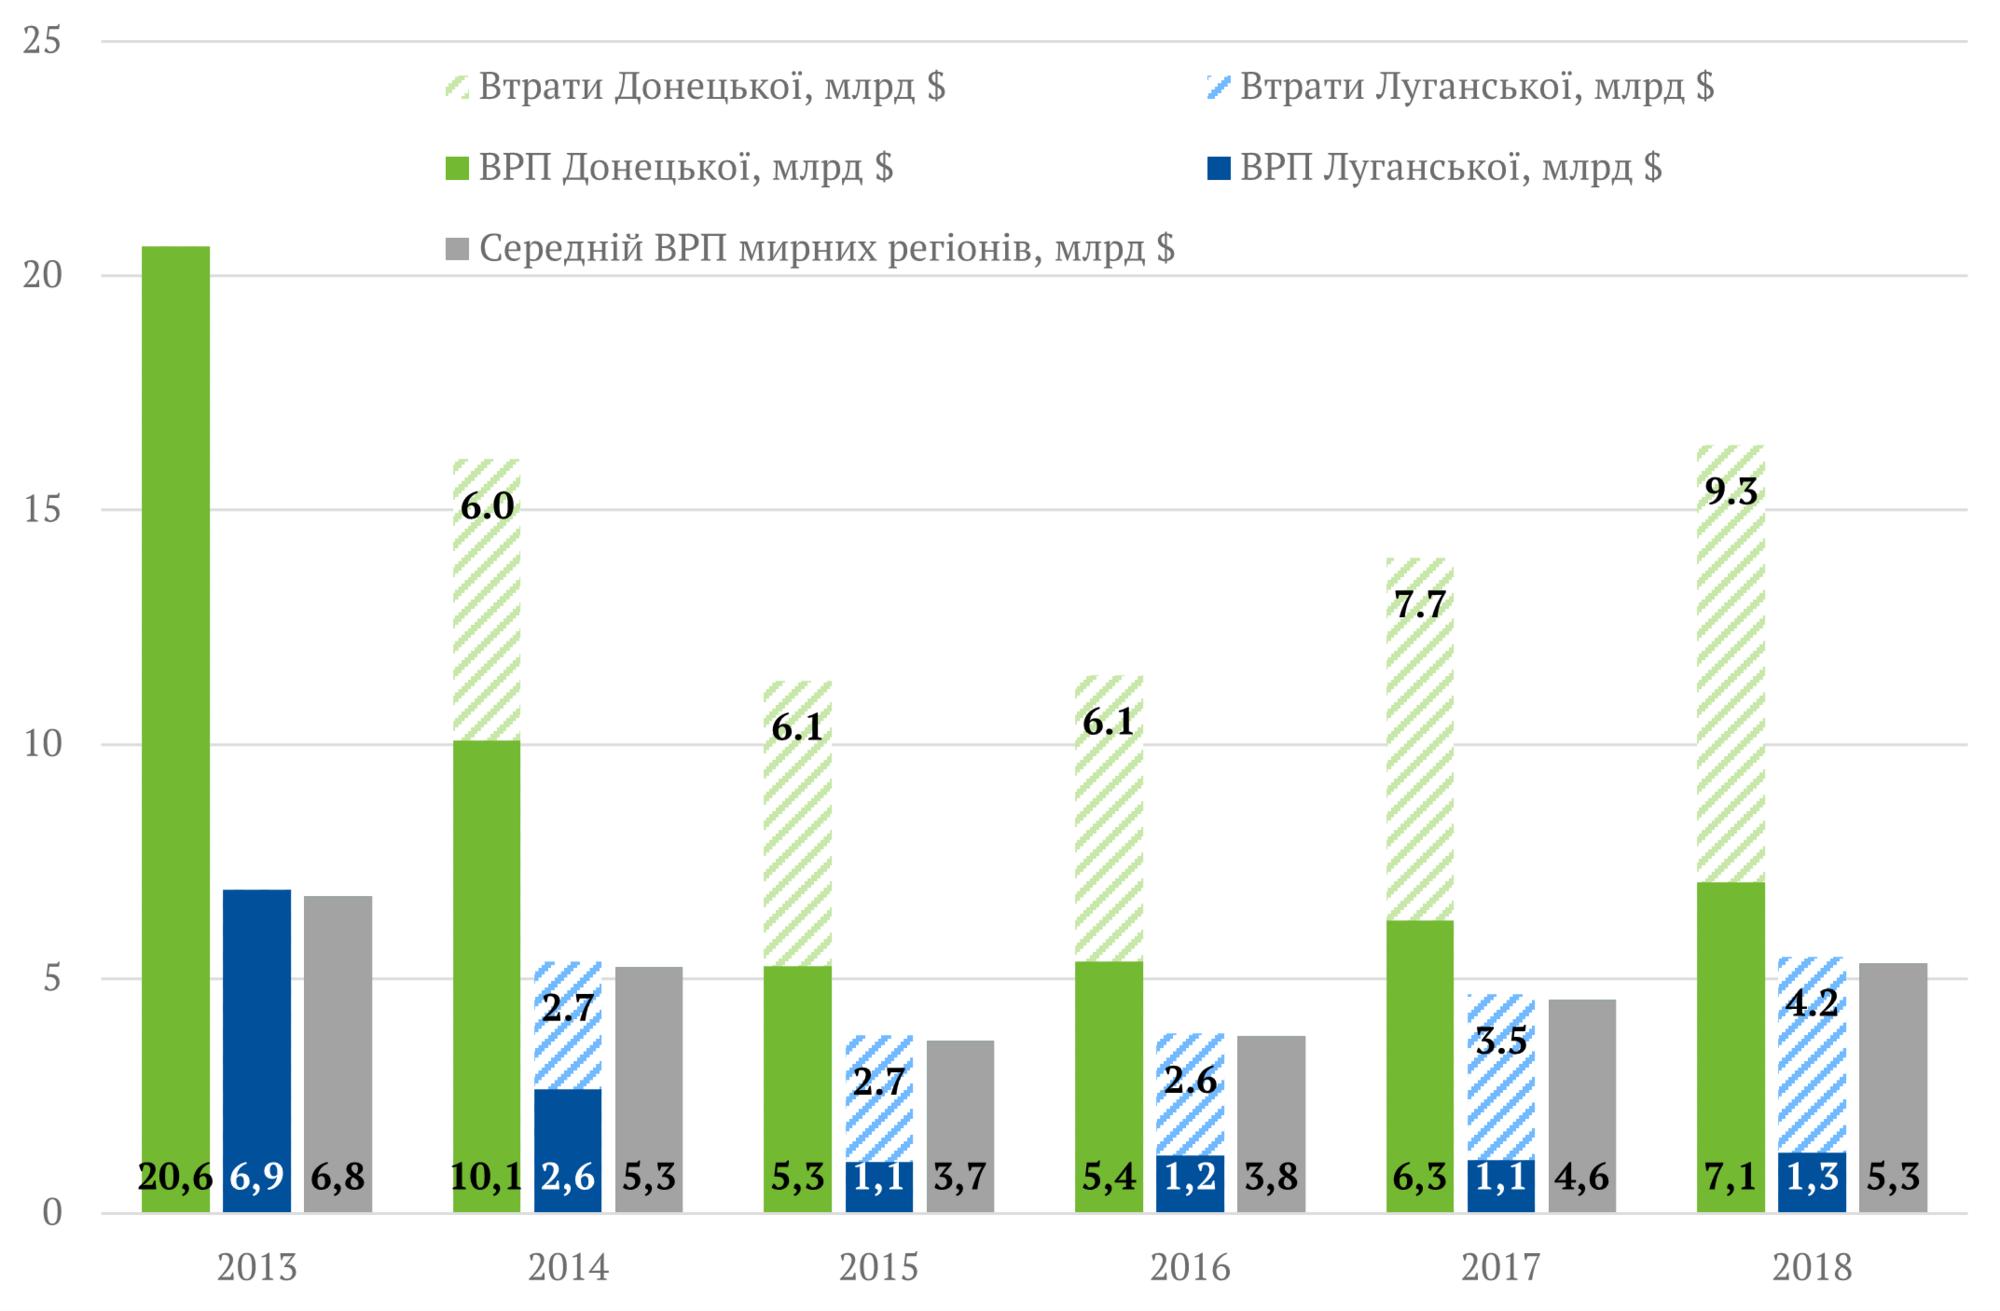 Україна втратила понад 50 млрд доларів через війну на Донбасі